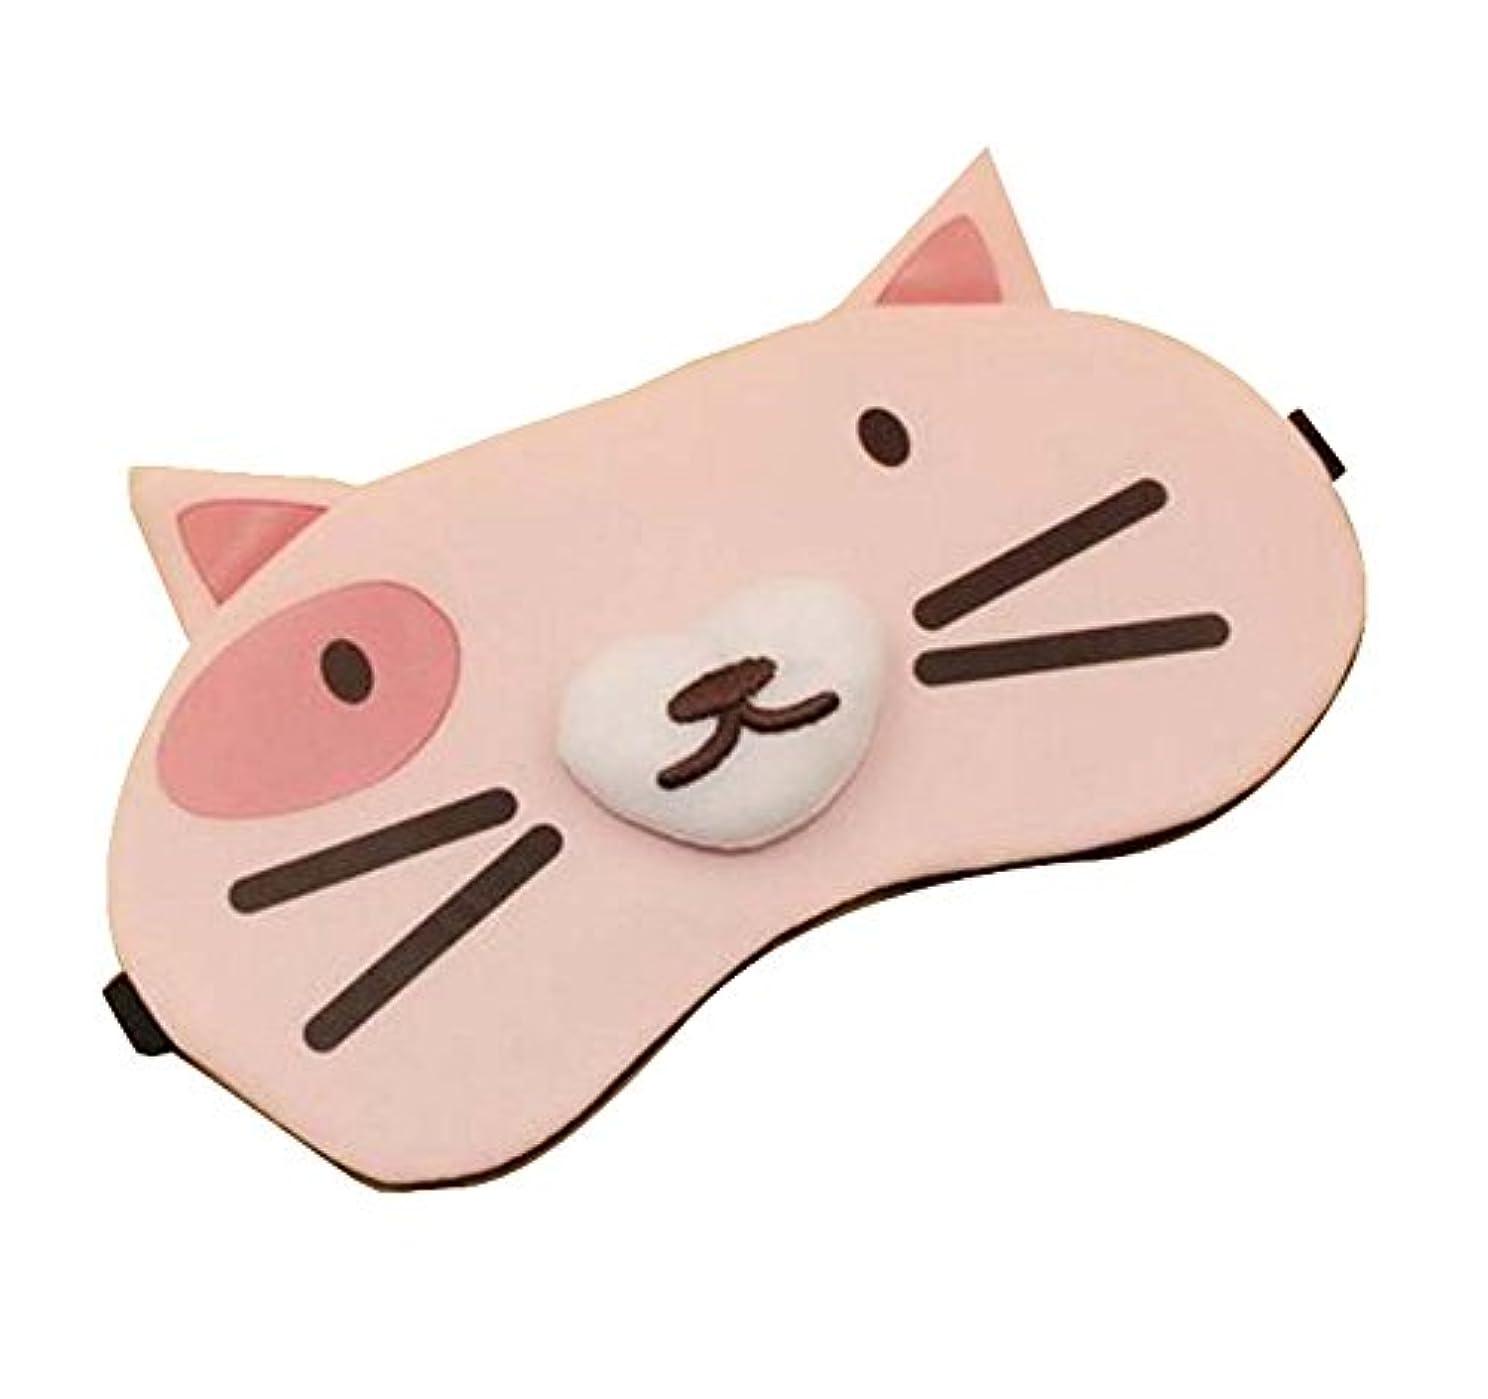 クリック手綱マウントバンククリエイティブな漫画の形のアイマスクパーソナライズドアイシェイド、ピンクの猫